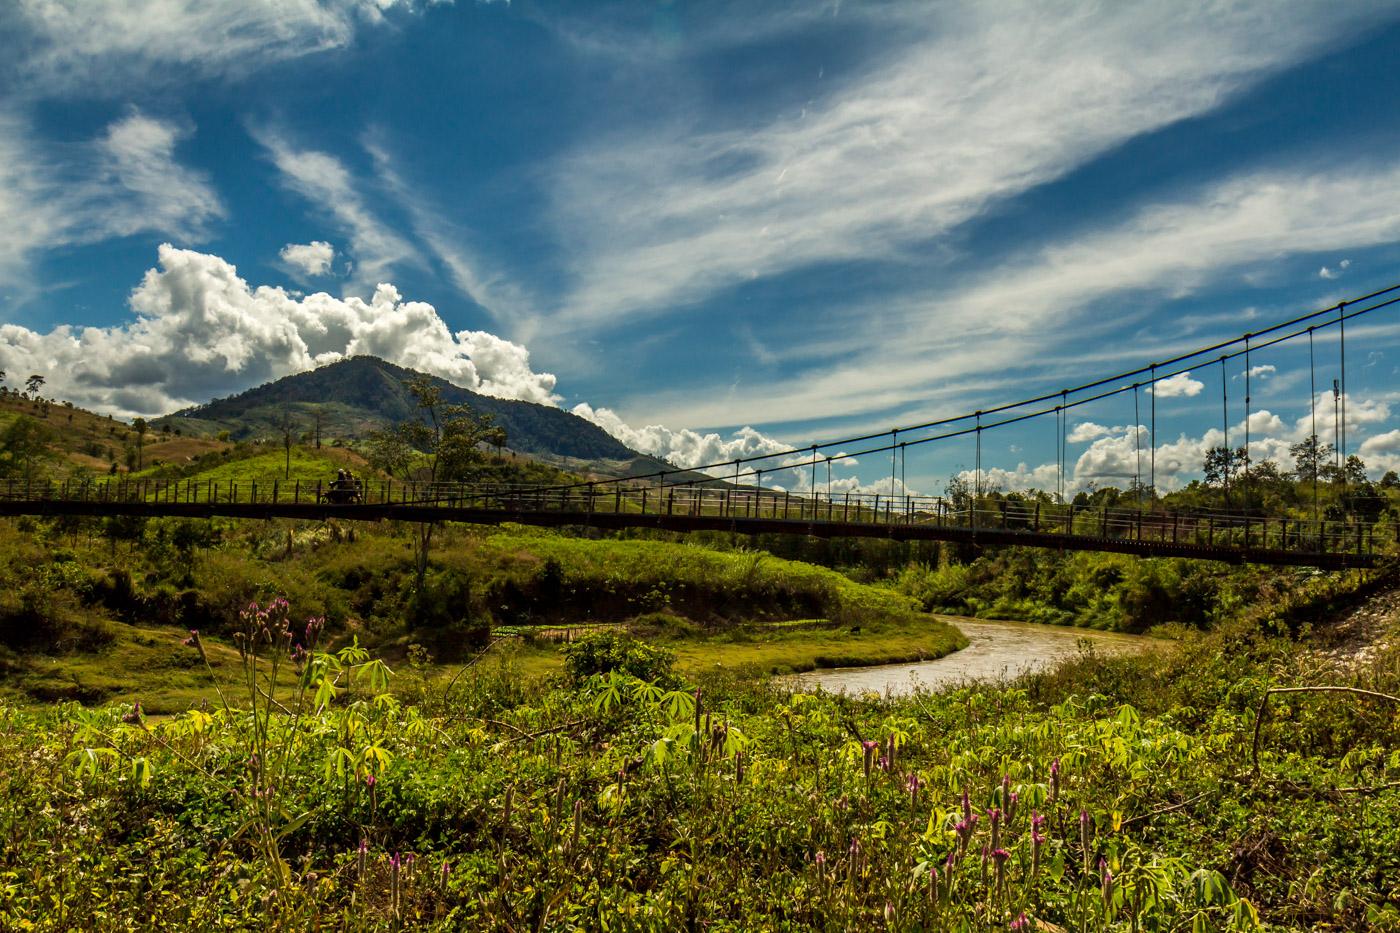 A scenic bridge.